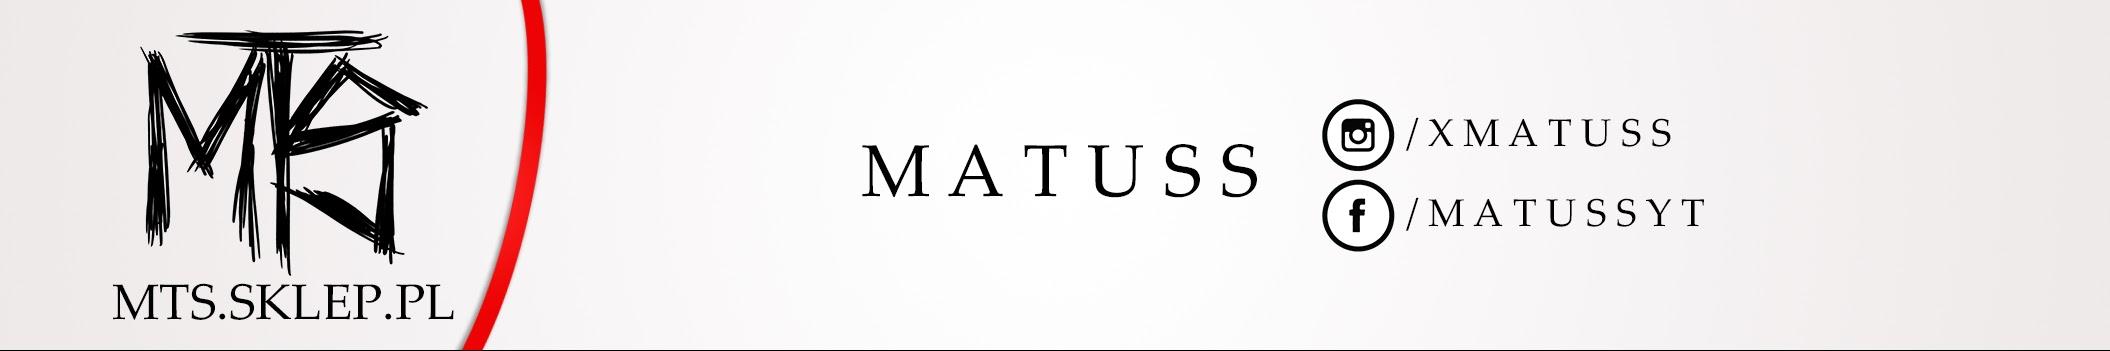 Matuss